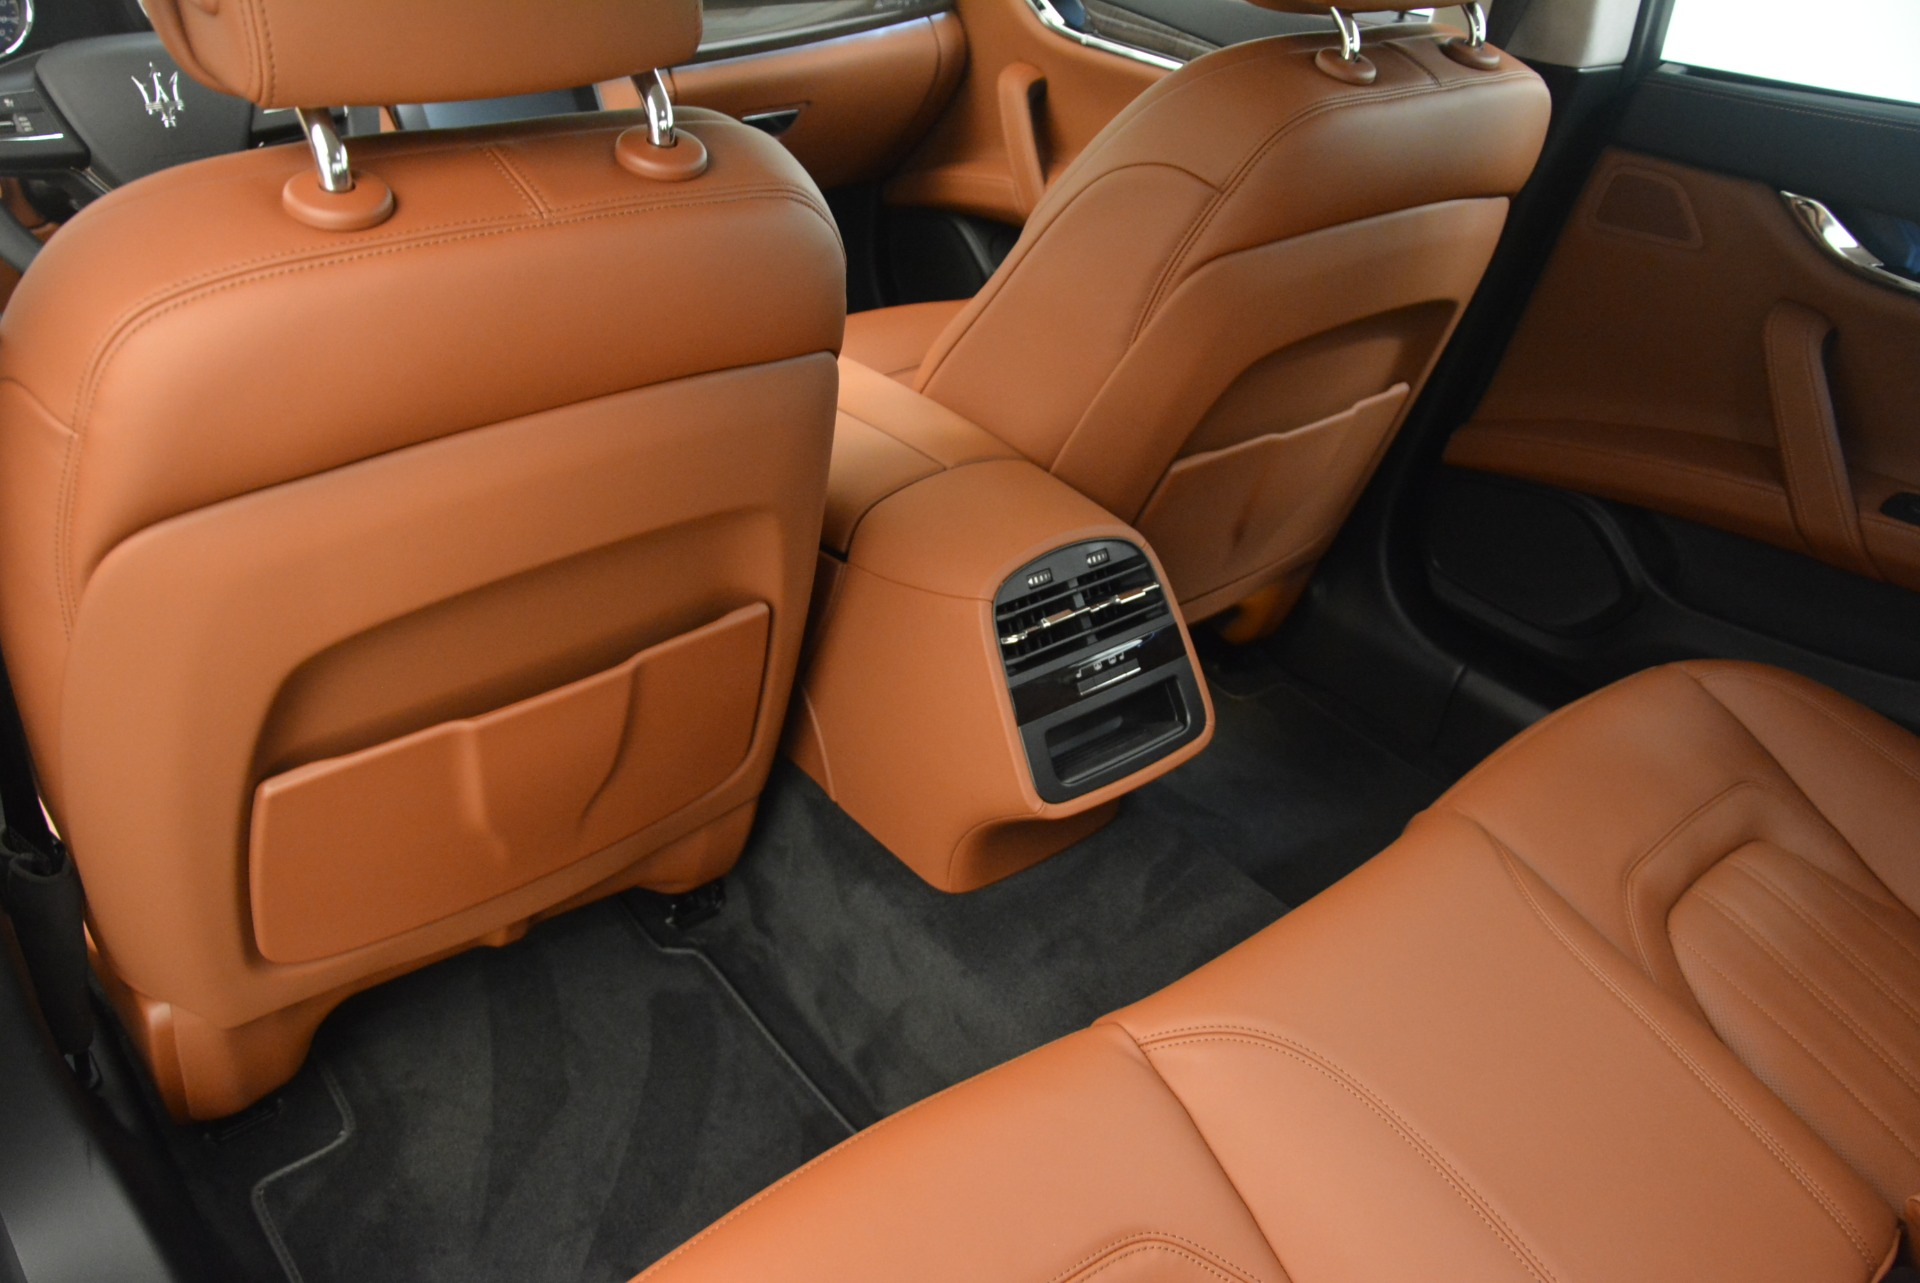 Used 2018 Maserati Quattroporte S Q4 GranLusso For Sale In Westport, CT 1572_p17